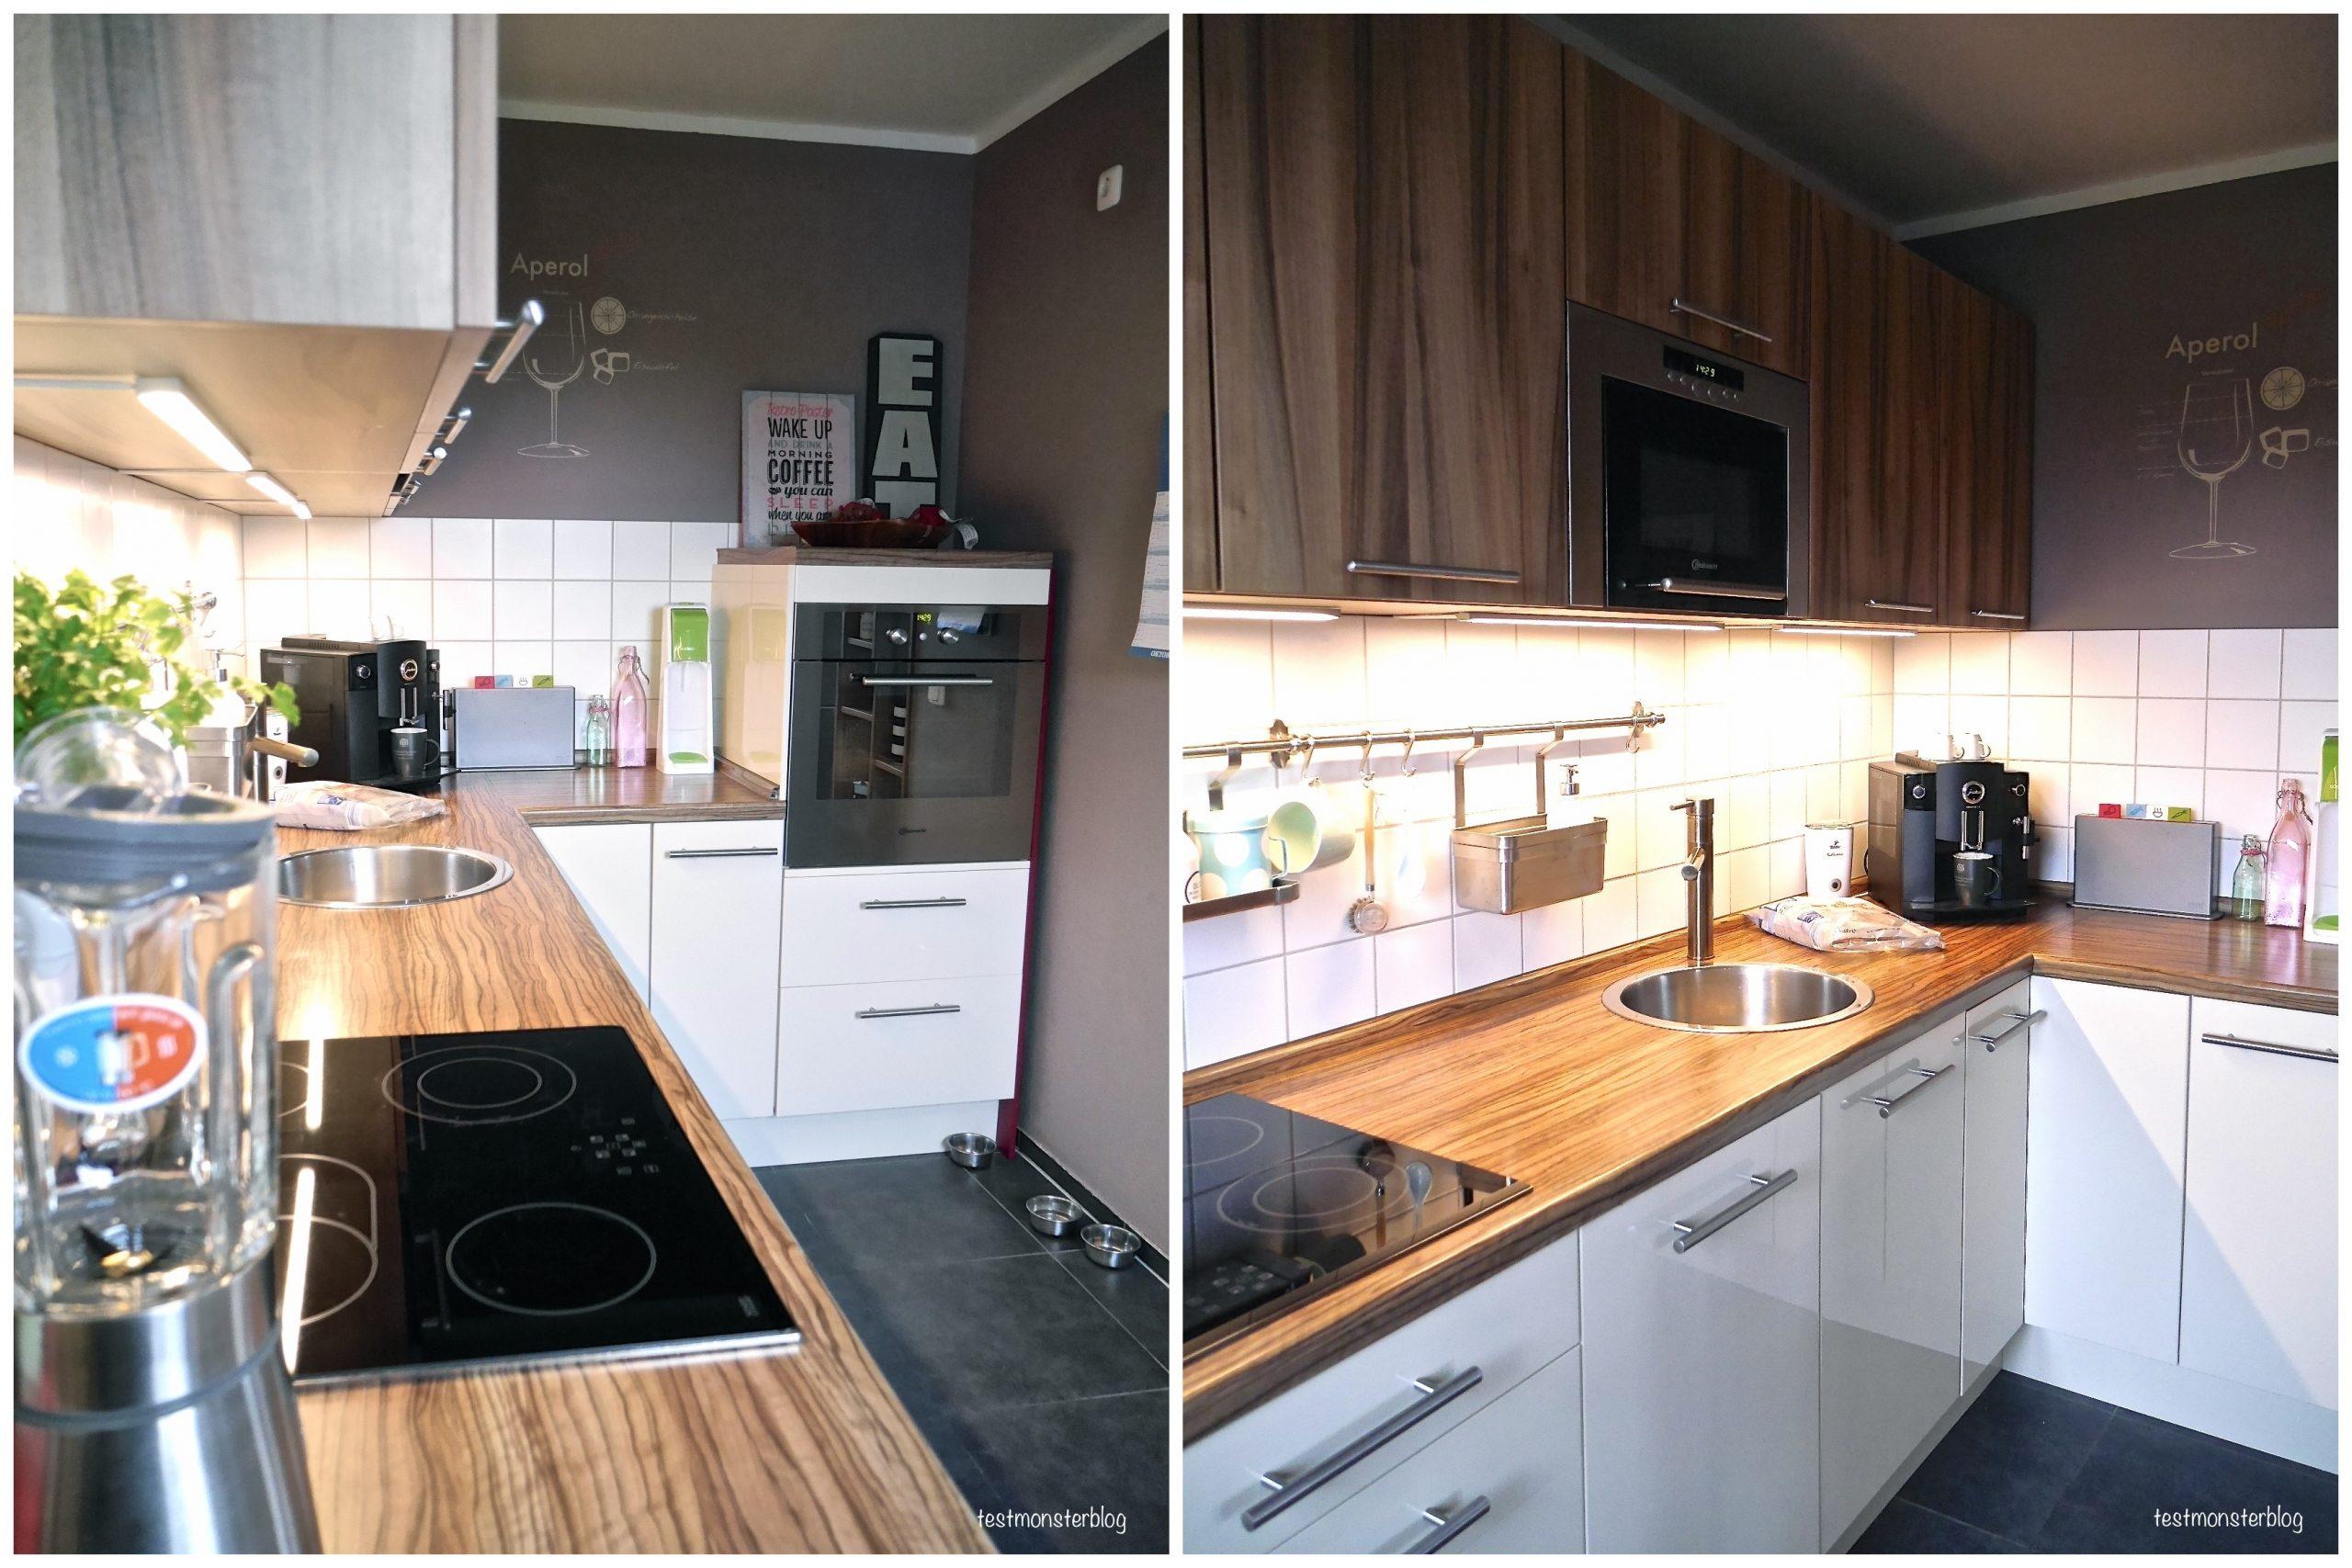 Full Size of Kche Selbst Zusammenstellen Ikea Metodplan Mich Bitte Küche Kosten Modulküche Apothekerschrank Betten Bei 160x200 Kaufen Miniküche Sofa Mit Schlaffunktion Wohnzimmer Apothekerschrank Ikea